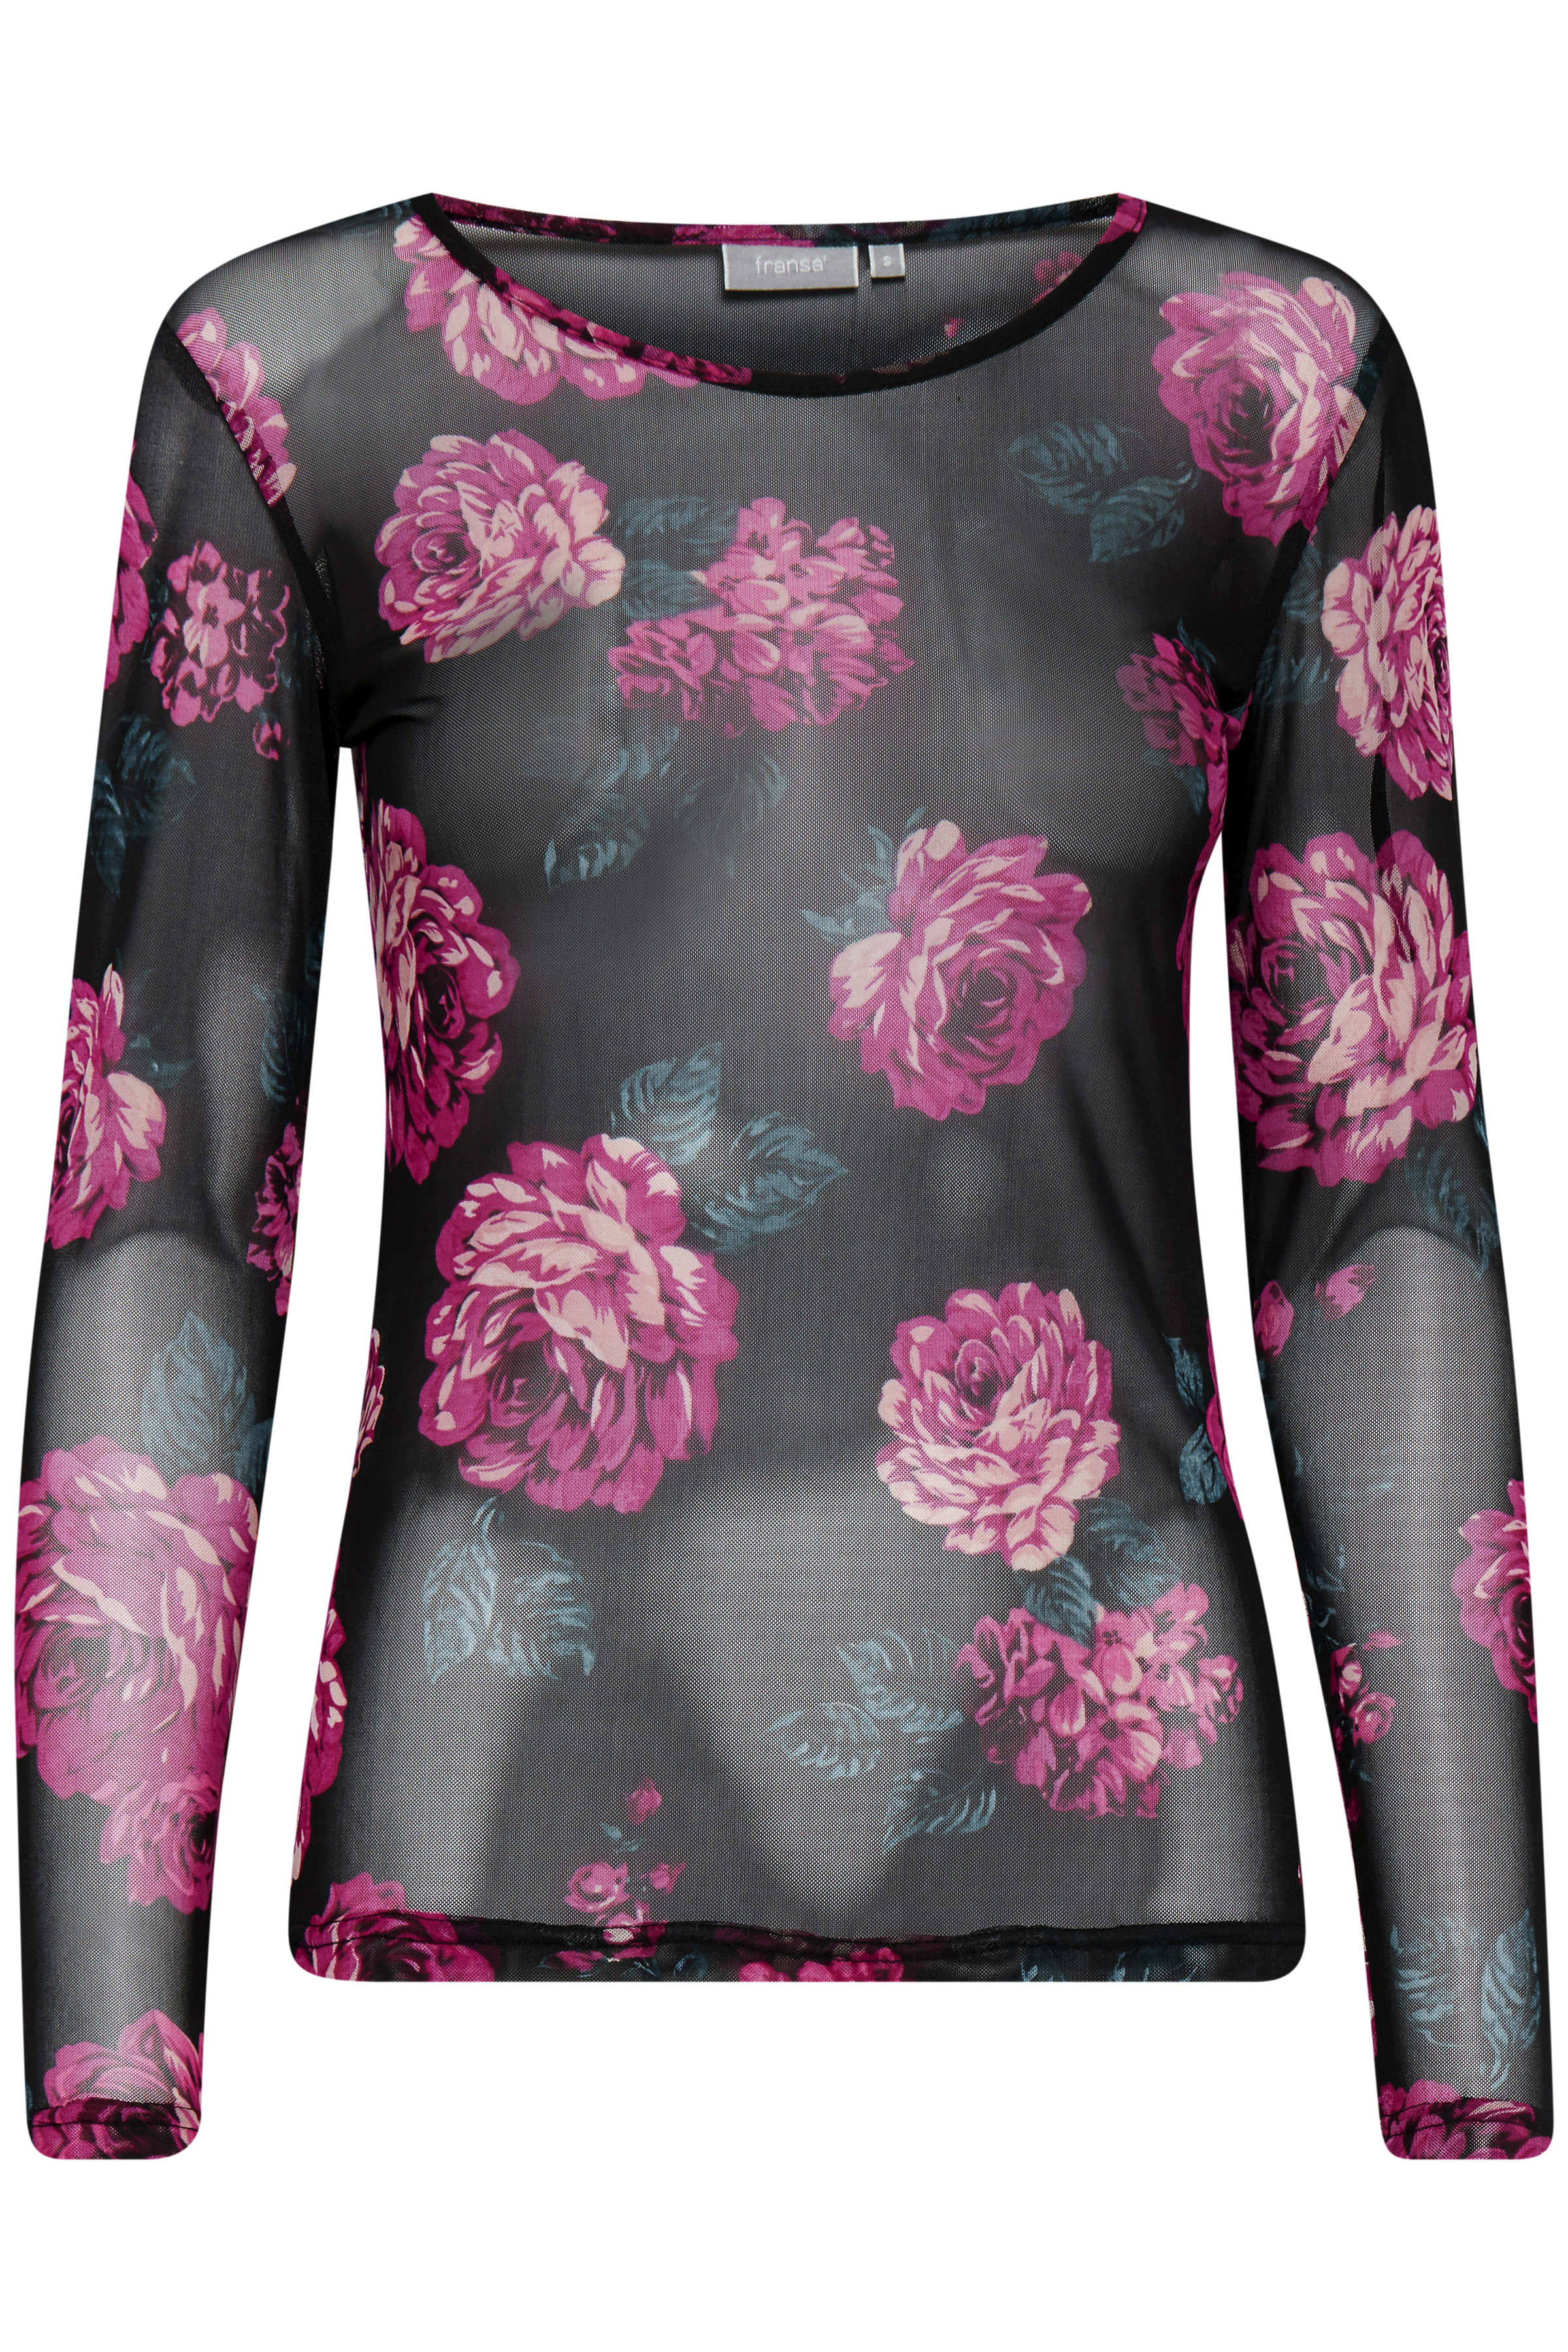 Sort/fuchsia Langærmet bluse fra Fransa – Køb Sort/fuchsia Langærmet bluse fra str. XS-XXL her